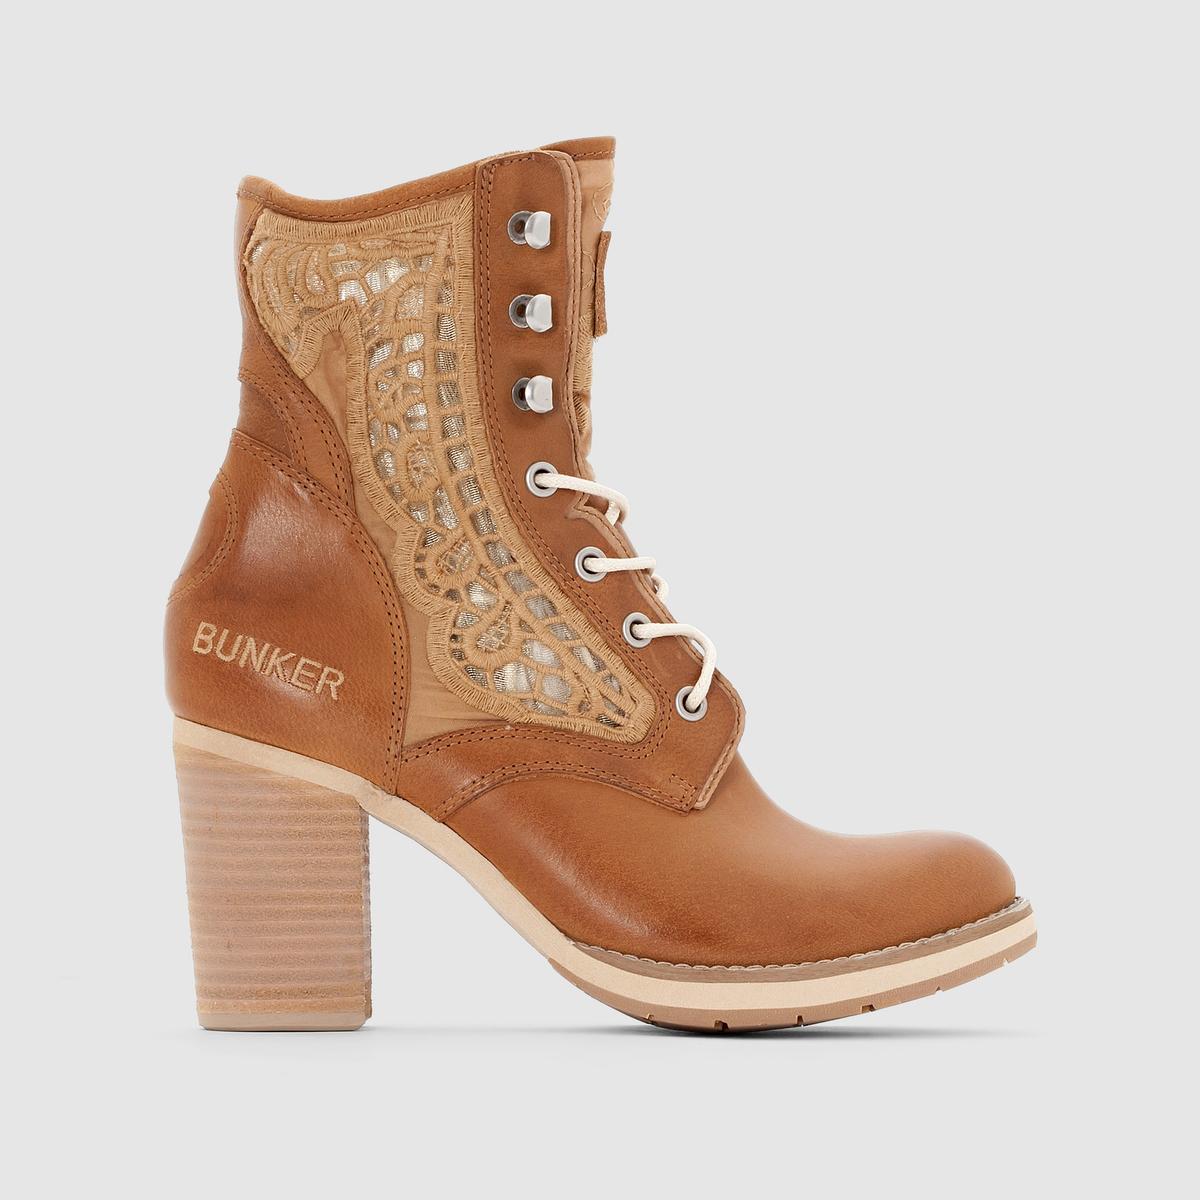 Сапоги GRACE от BUNKERСапоги на каблуке, напоминающие ботинки на шнуровке - отличное сочетание кожи с кружевной отделкой: очень современная женственная модель от Bunker!<br><br>Цвет: коньячный<br>Размер: 39